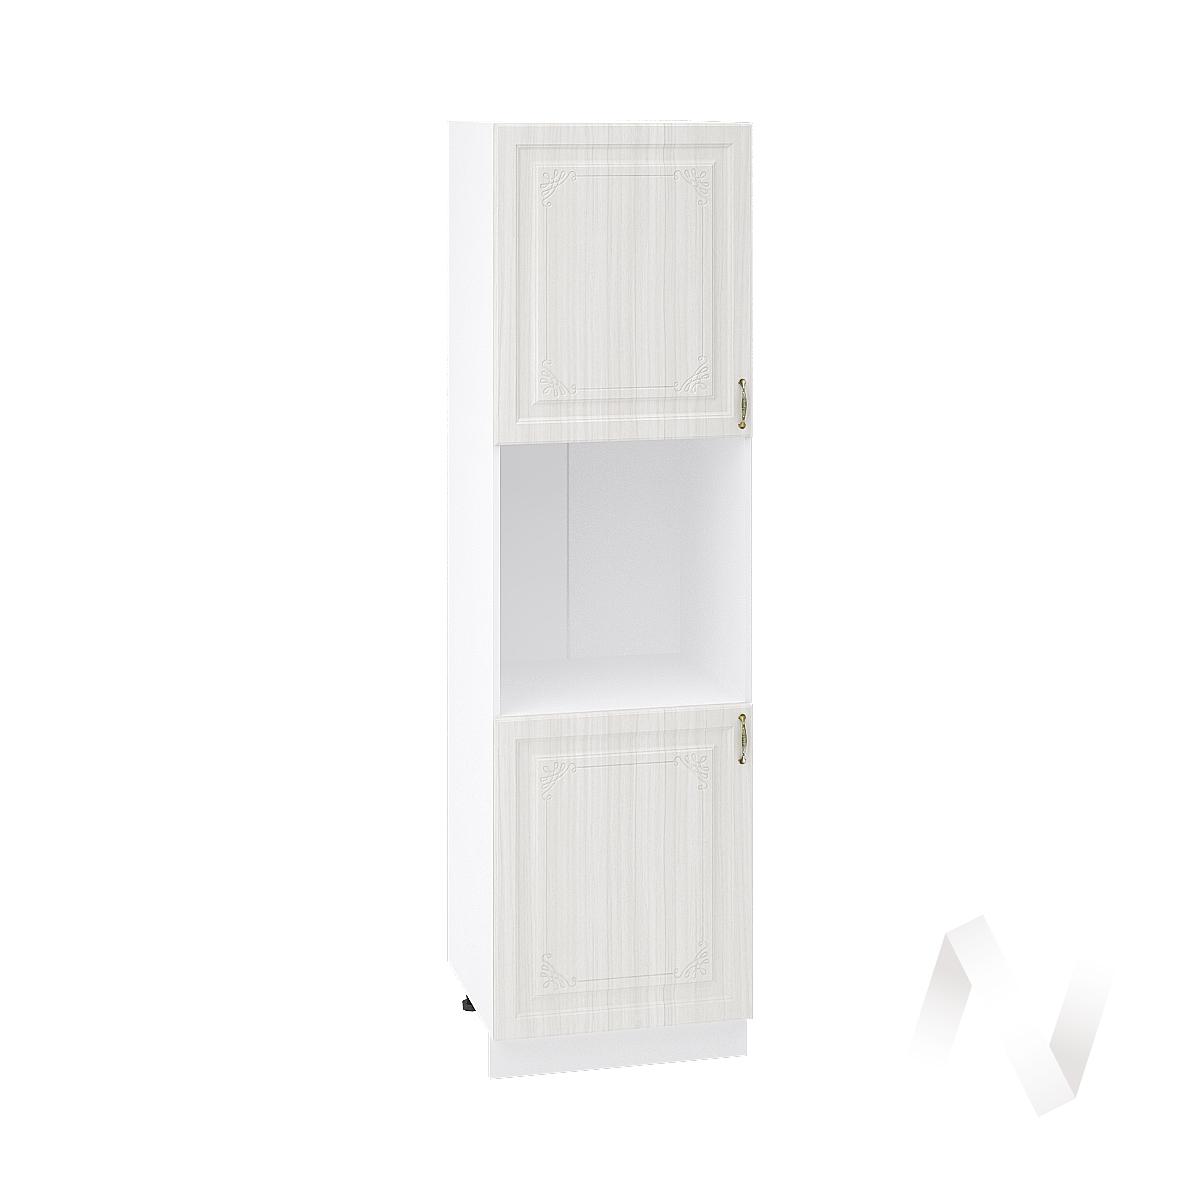 """Кухня """"Виктория"""": Шкаф пенал 600, ШП 600 (корпус белый)"""